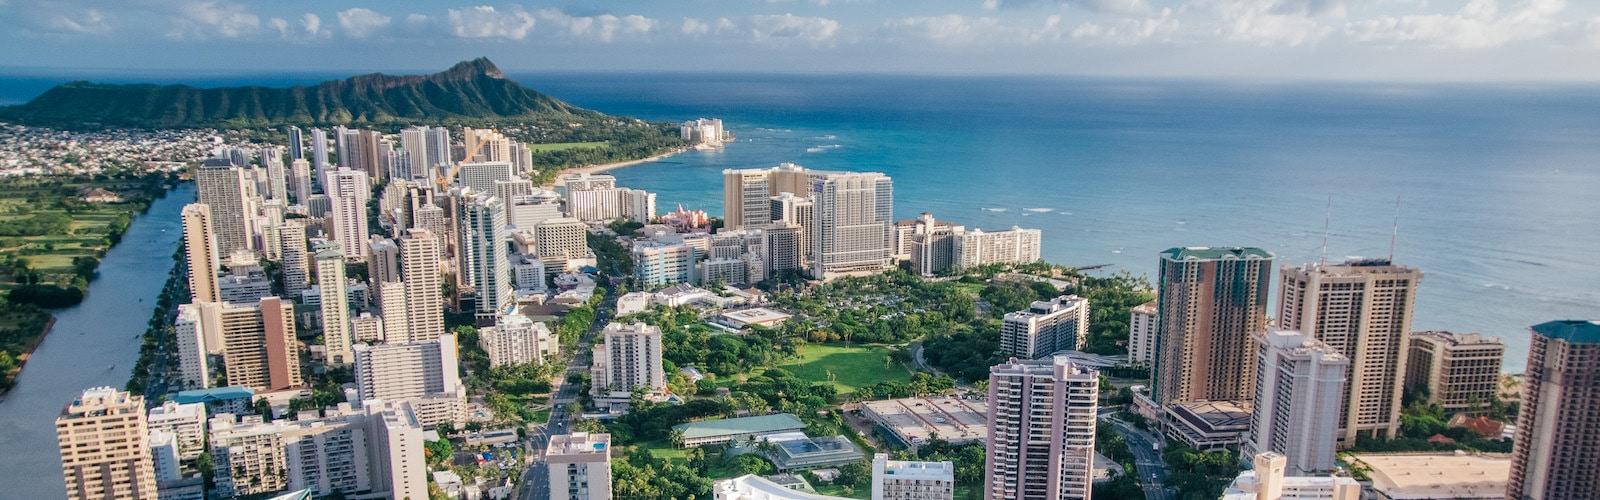 Oahu Legal Vacation Rentals, Hawaii